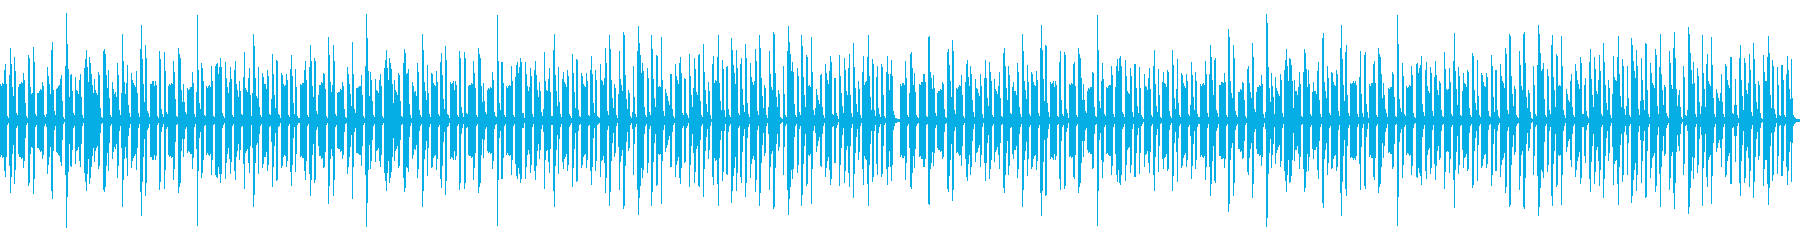 動画向けゆるい雰囲気の日常系ピアノの再生済みの波形